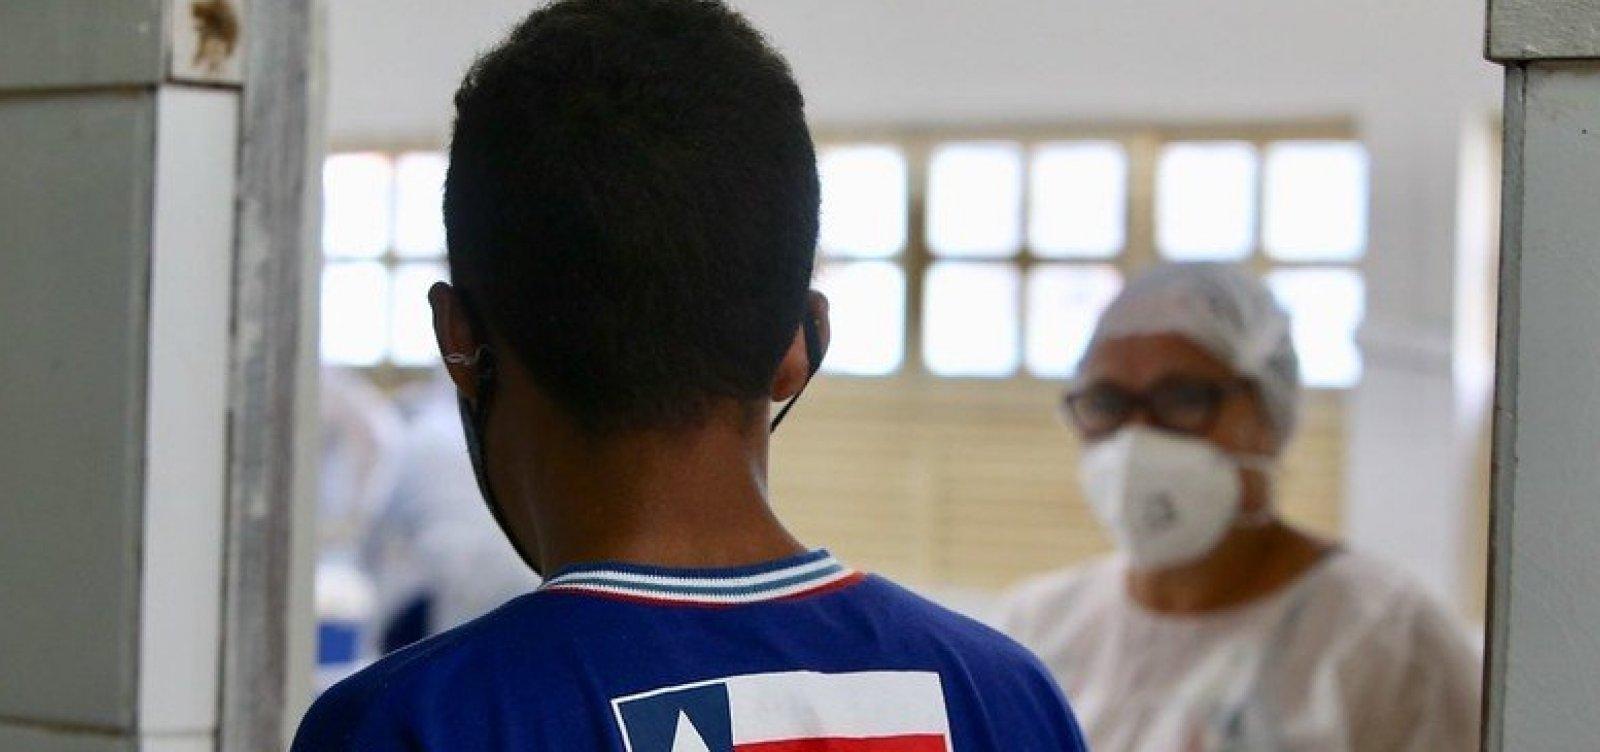 Governo prorroga decreto que proíbe shows e aulas na Bahia até 28 de fevereiro